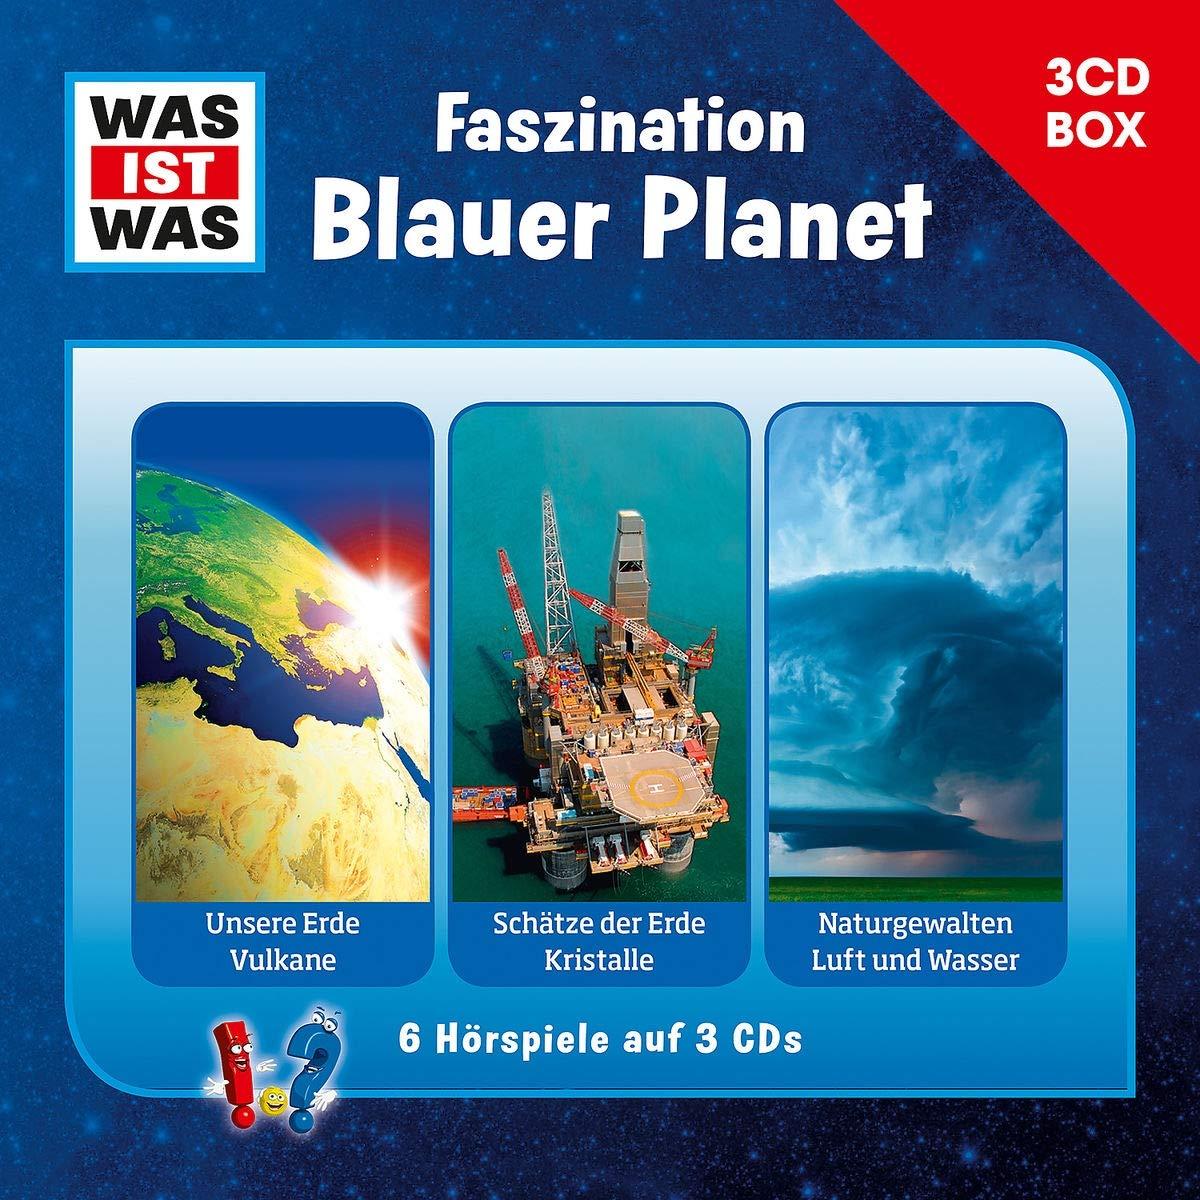 WAS IST WAS 3 CD Hörspielbox. Faszination Blauer Planet  WAS IST WAS Hörspiele